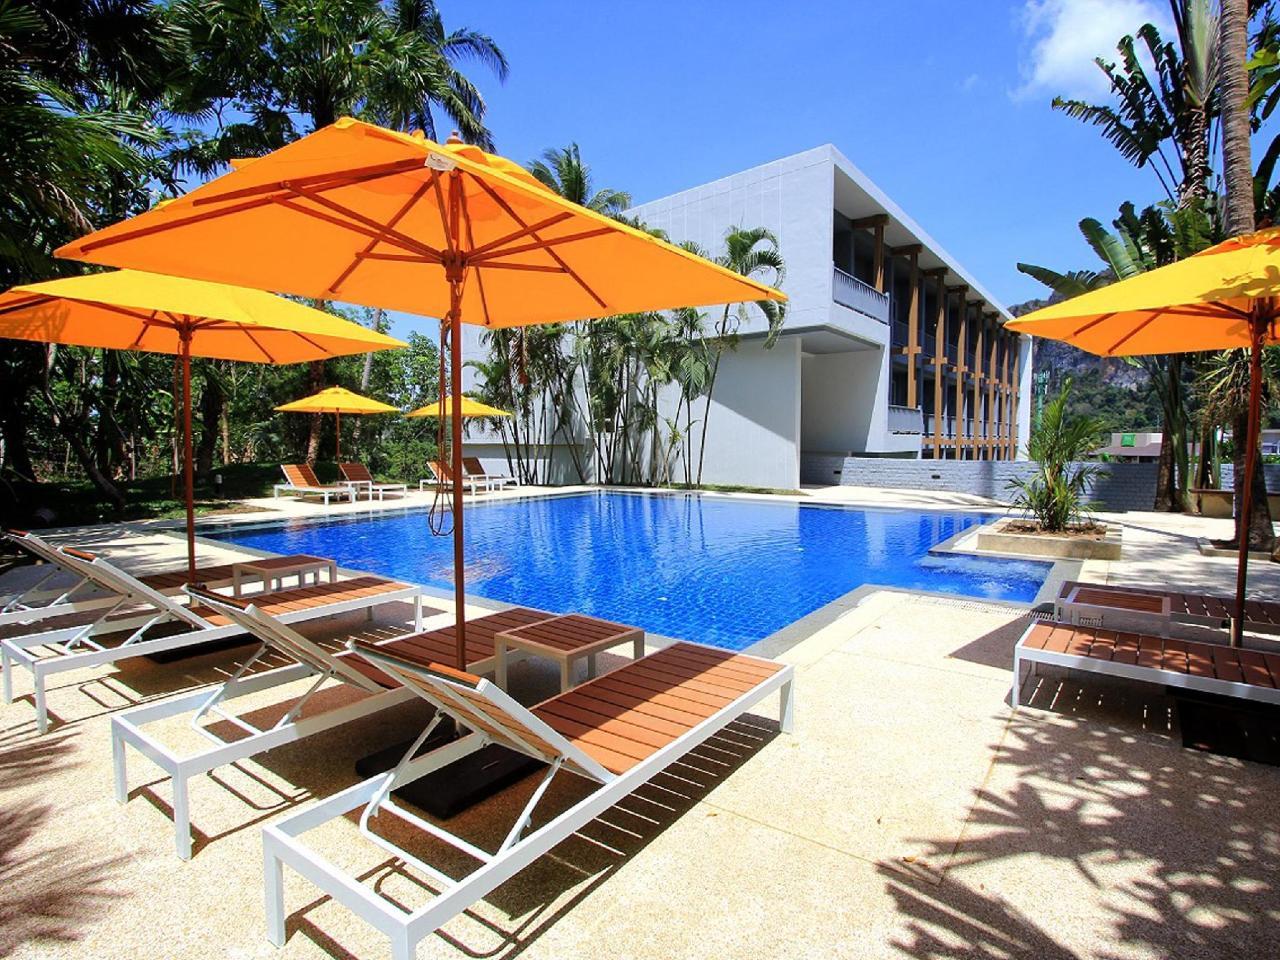 มารีนา เอ็กซ์เพรส ฟิชเชอร์แมน โฮเต็ล อ่าวนาง (Marina Express - Fisherman Hotel - Ao Nang)